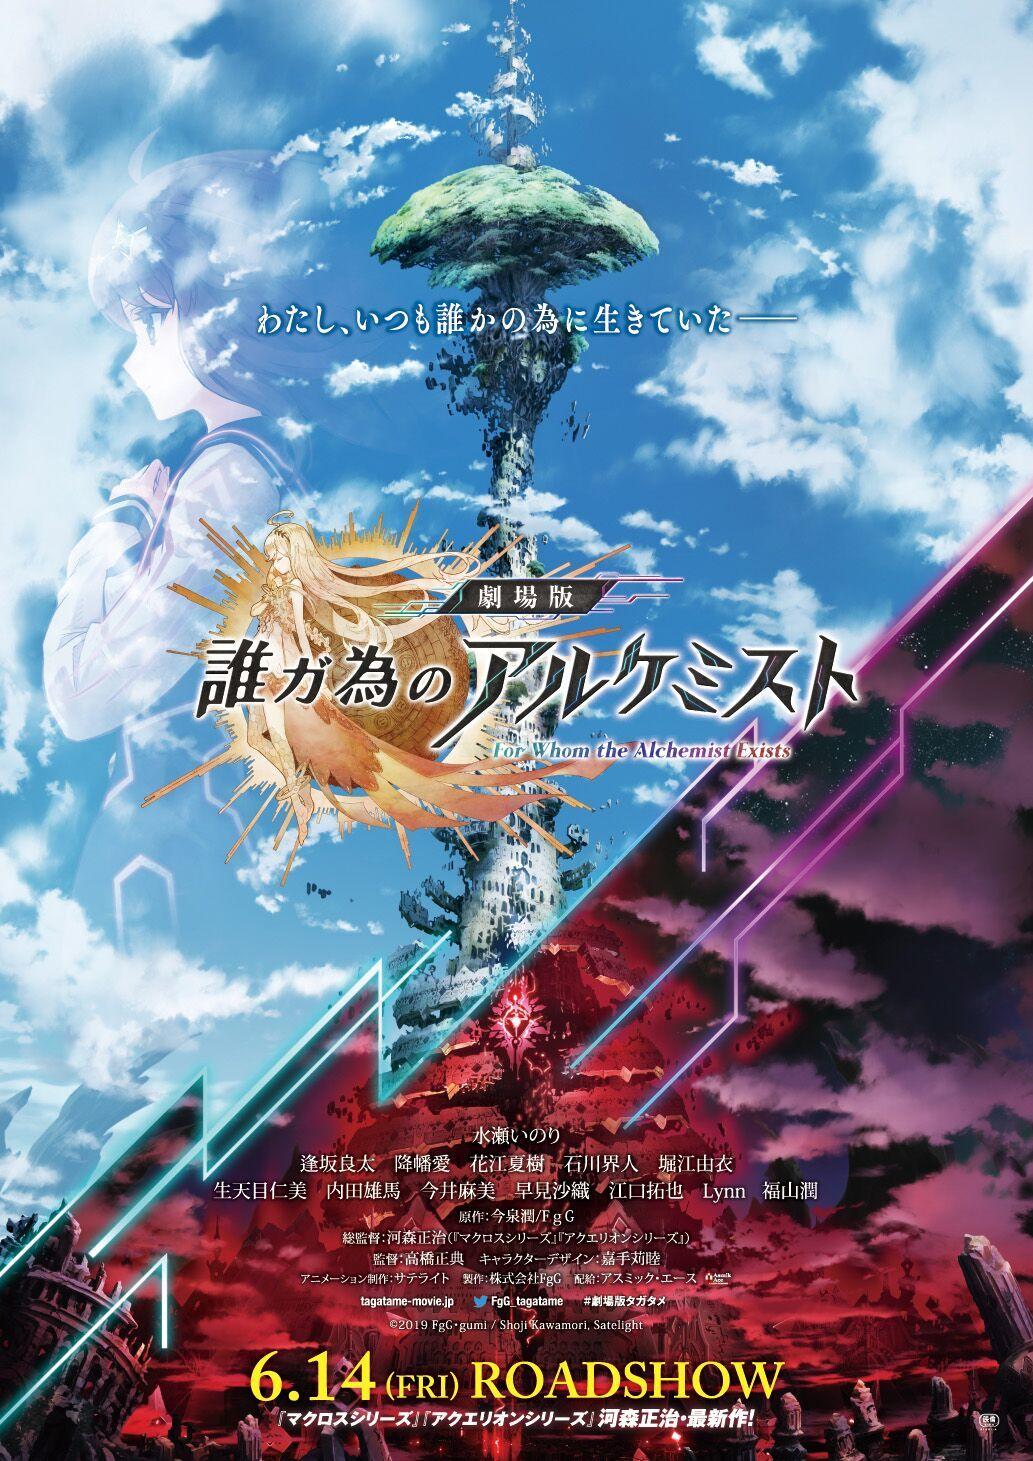 『劇場版 誰ガ為のアルケミスト』 (C)2019 FgG・gumi / Shoji Kawamori, Satelight